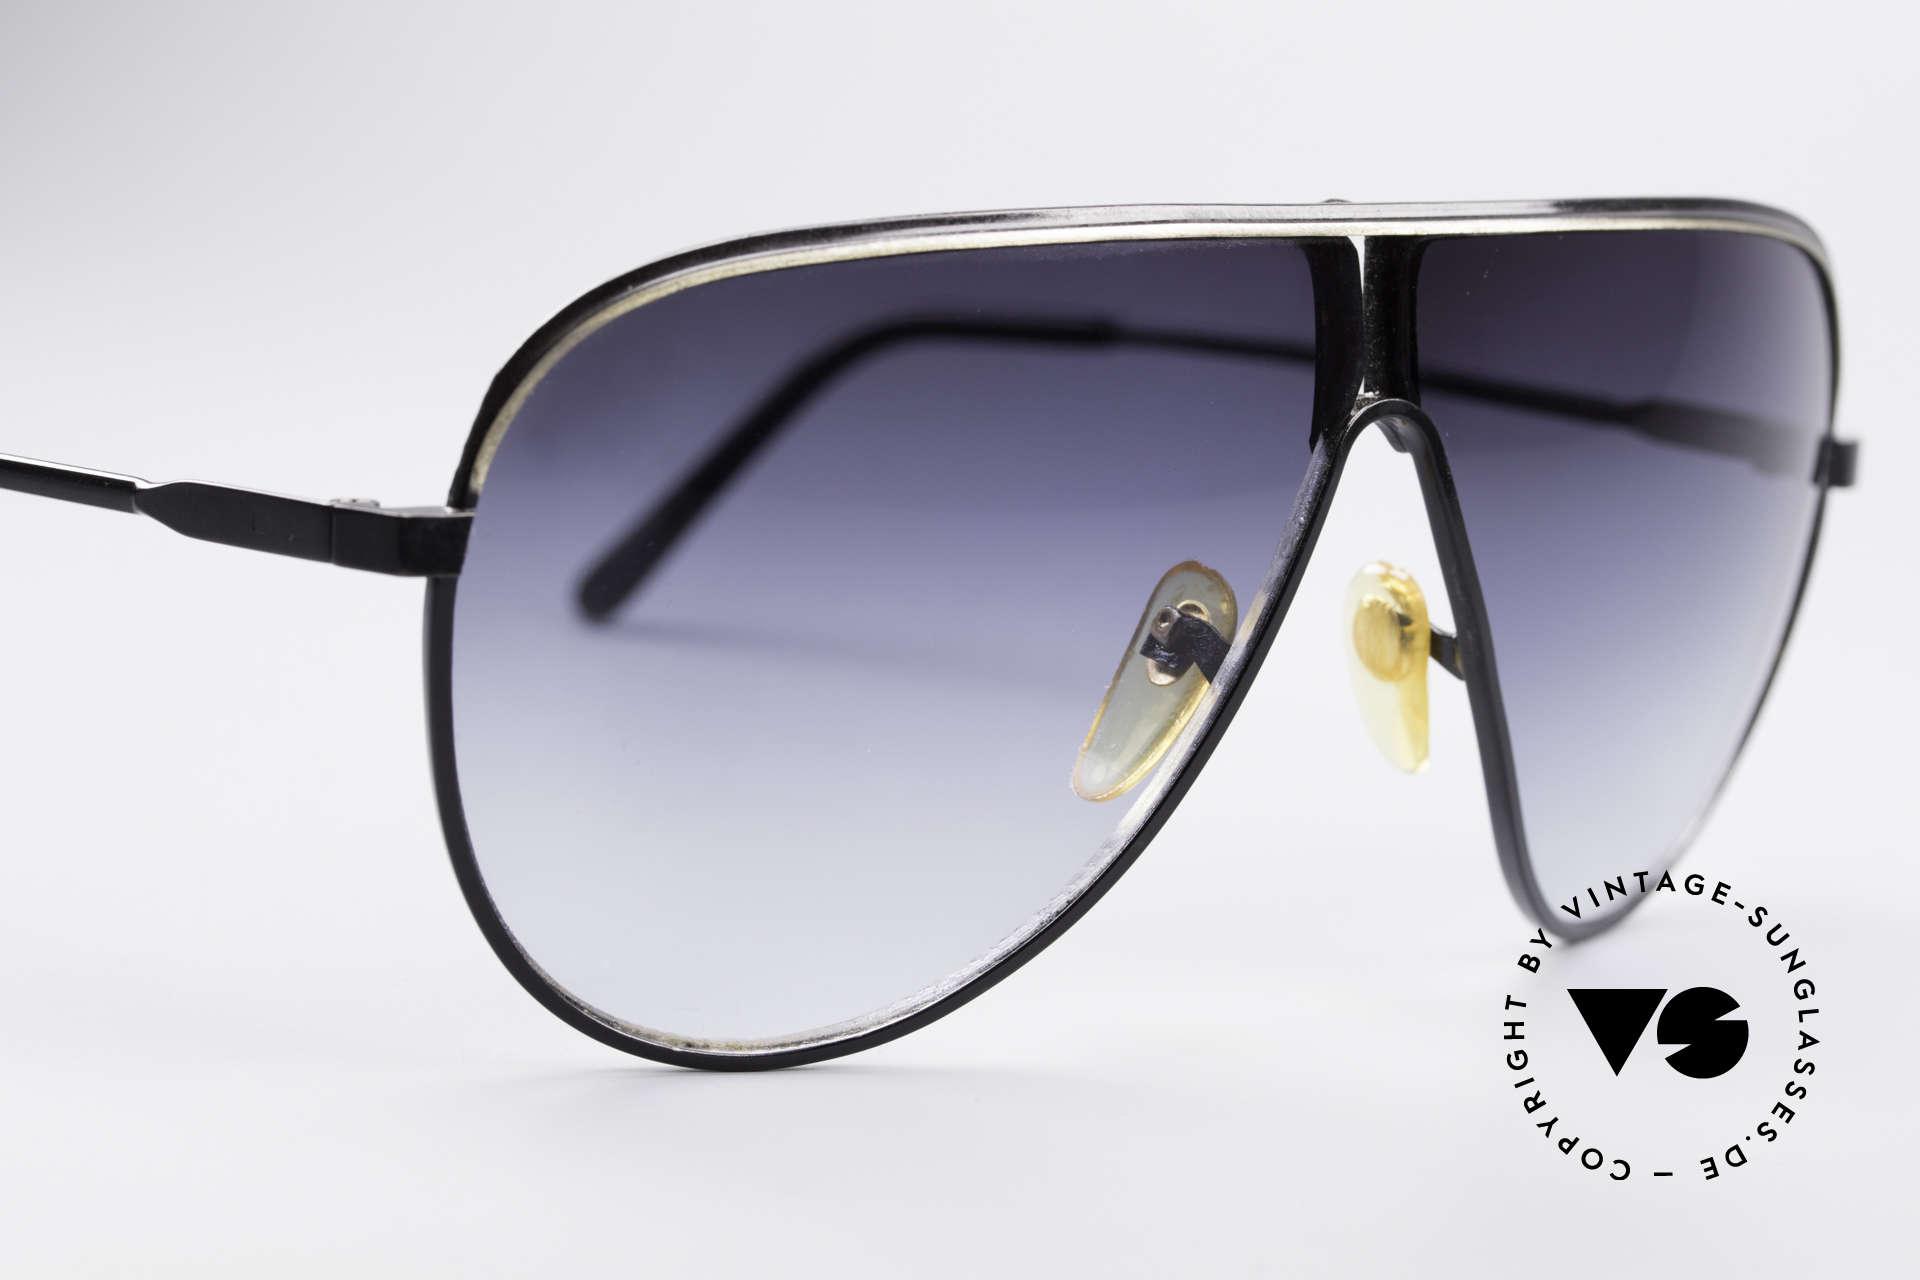 Linda Farrow 6031 Scarface Filmbrille, häufig nur noch als Scarface-Sonnenbrille bezeichnet, Passend für Herren